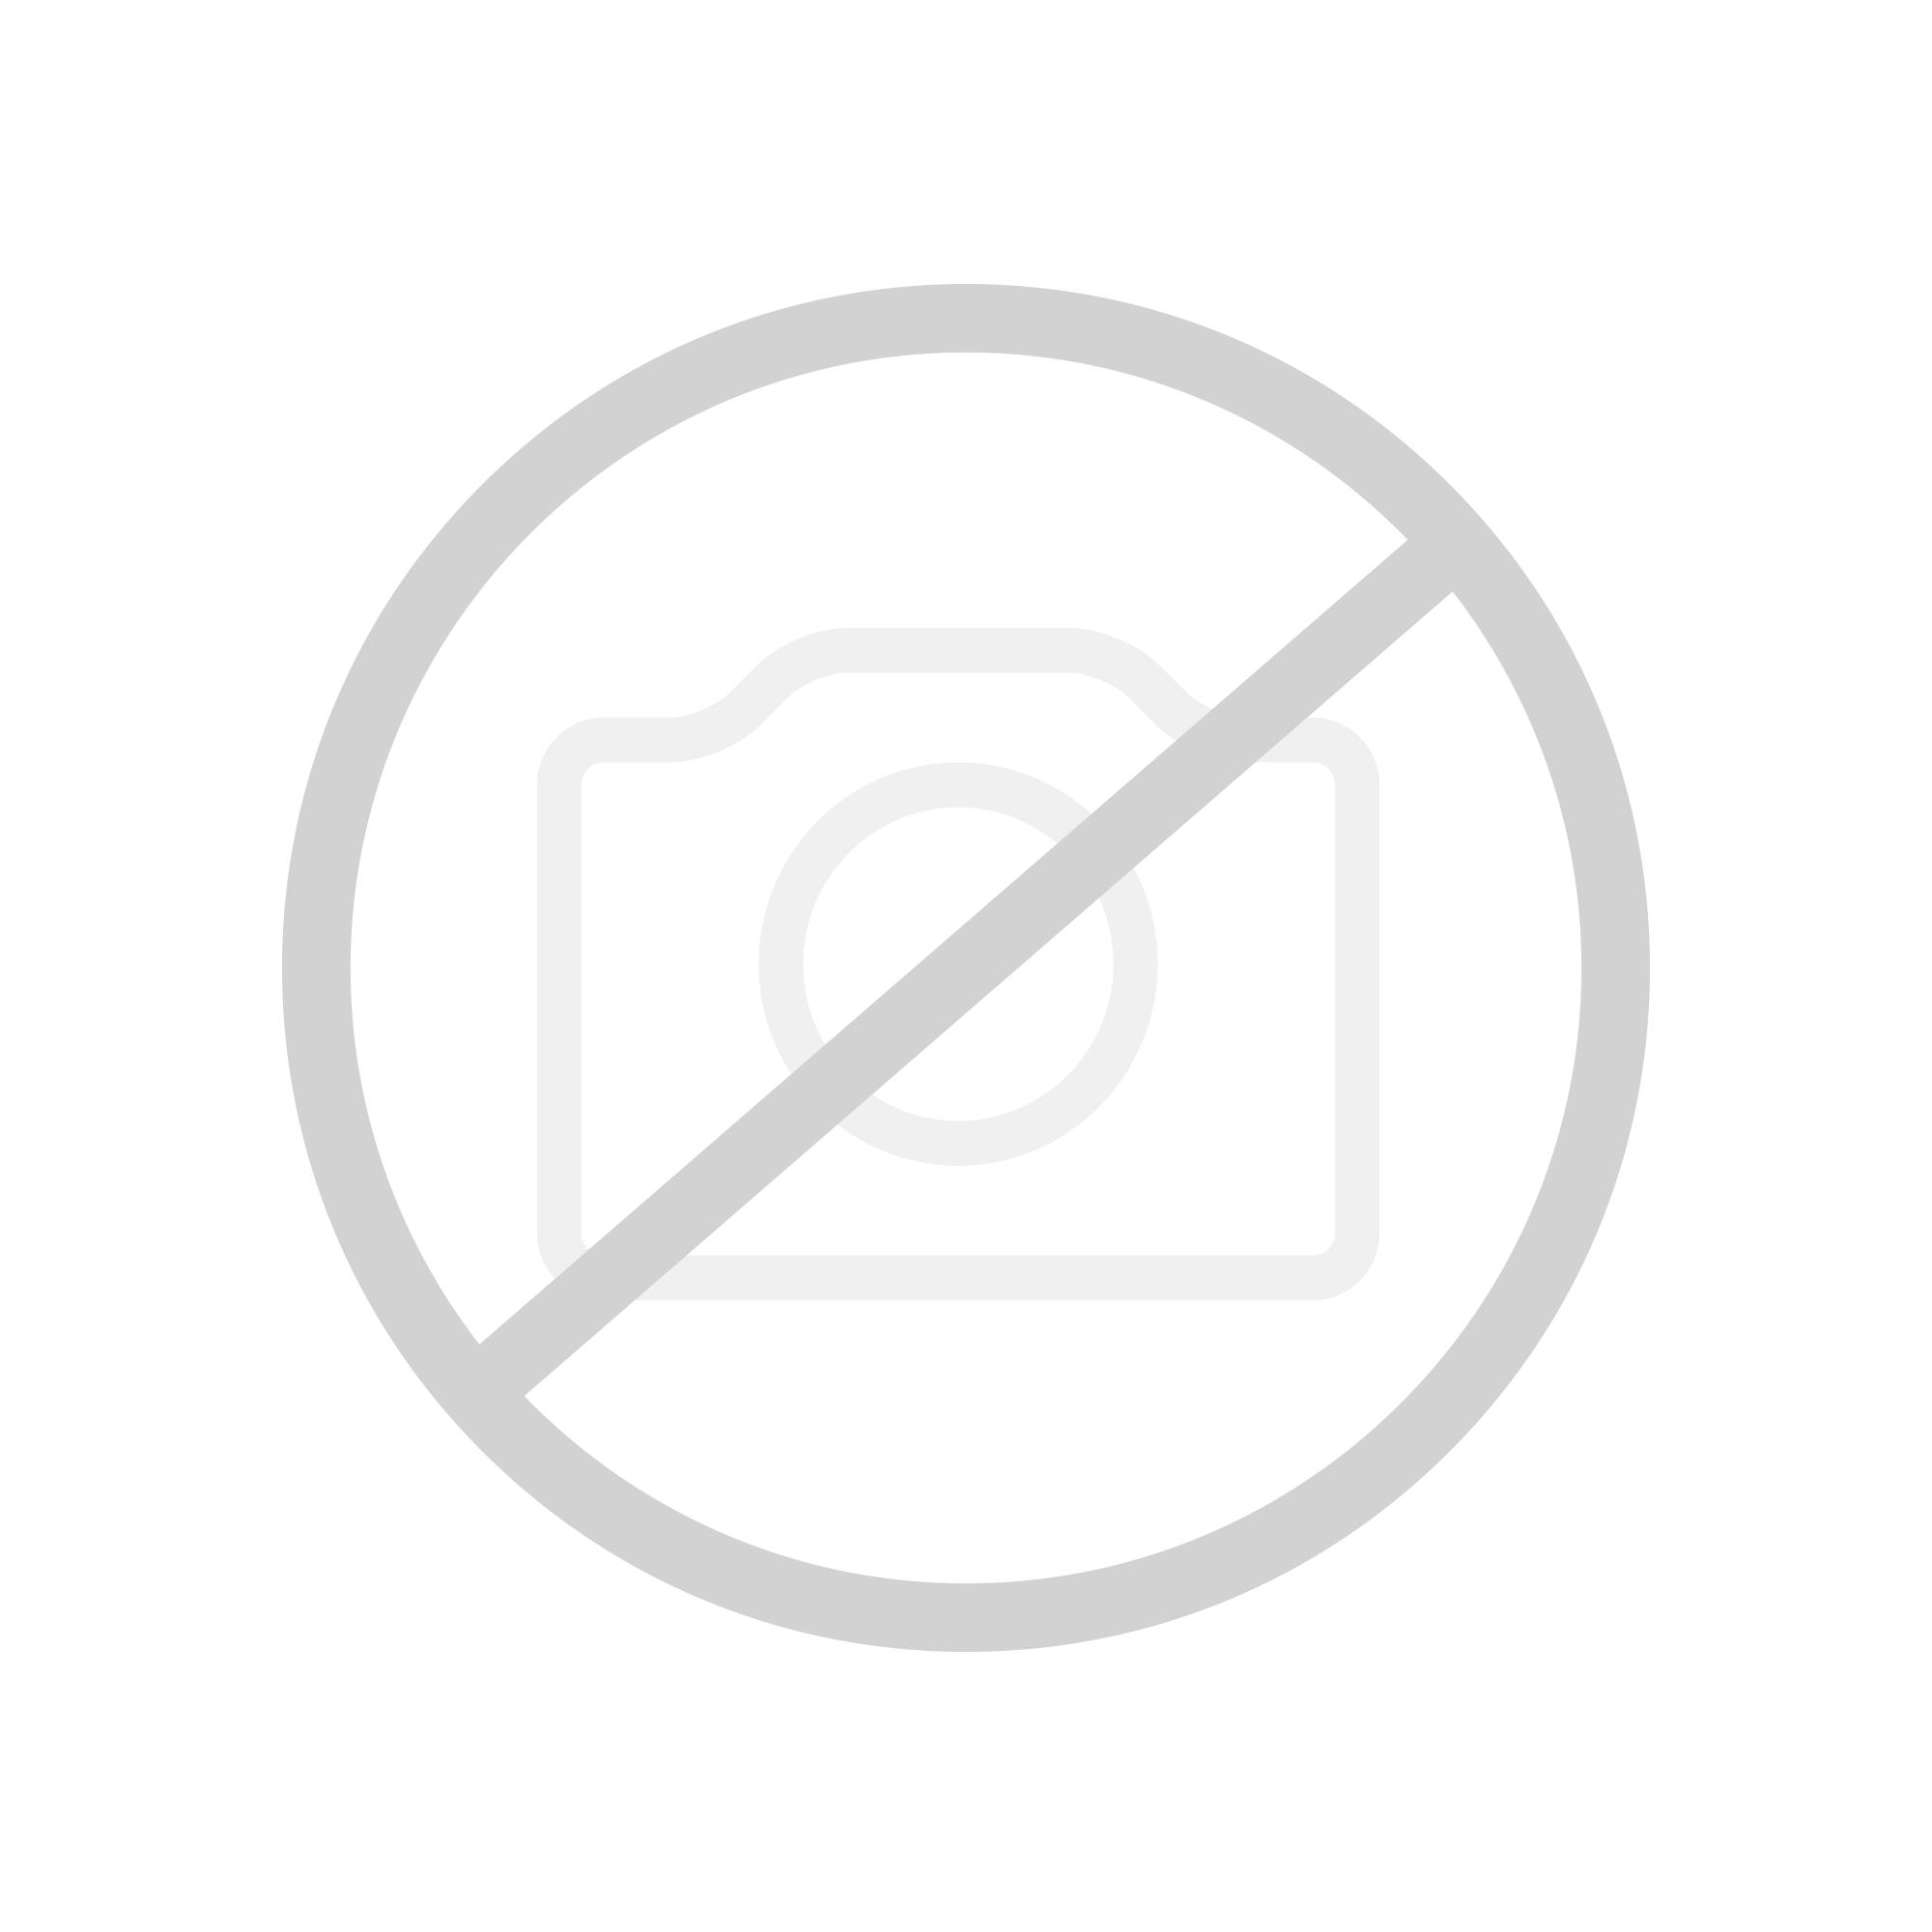 antoniolupi Bikappa BK904 Eingriffmischer für Waschtisch